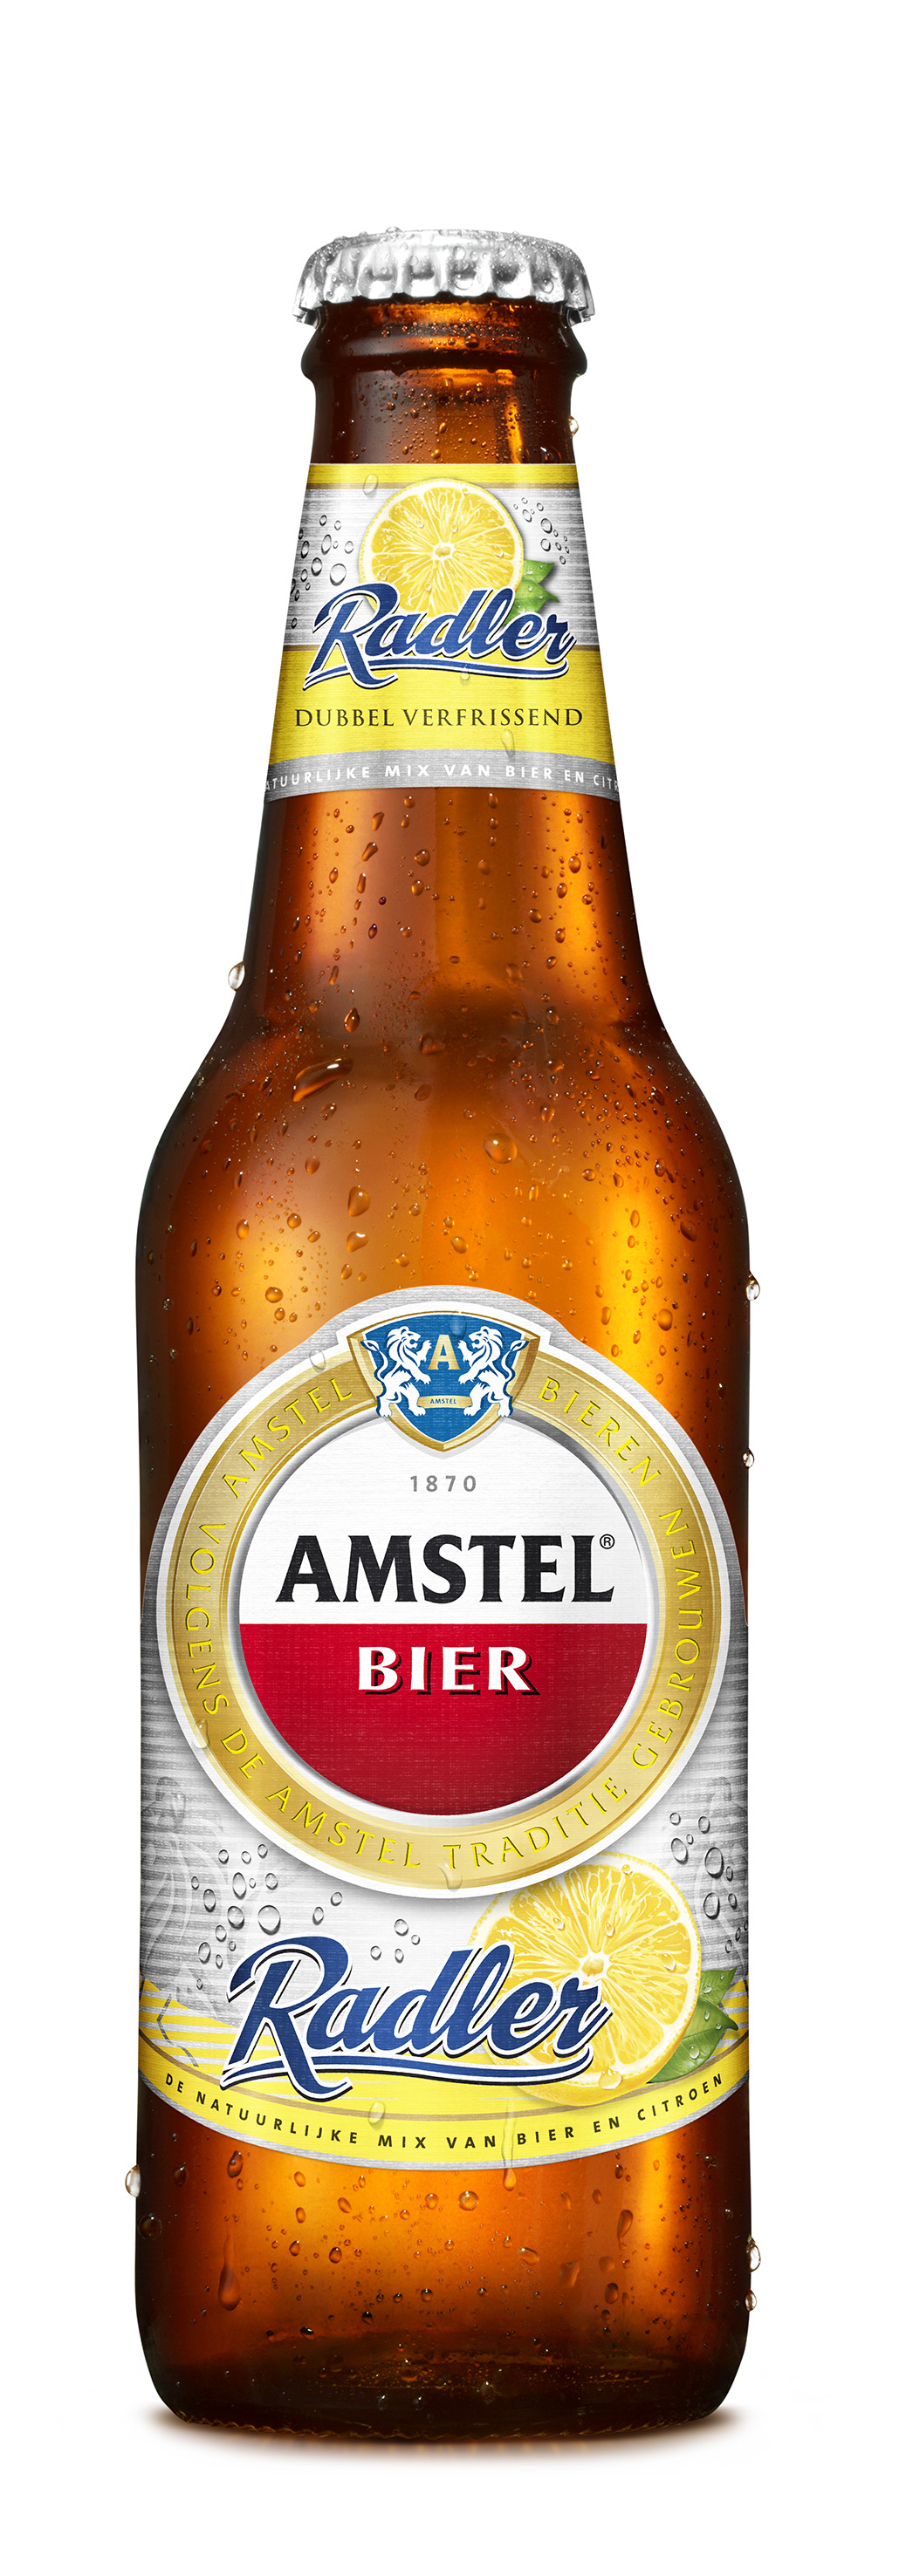 Amstel Bier Radler